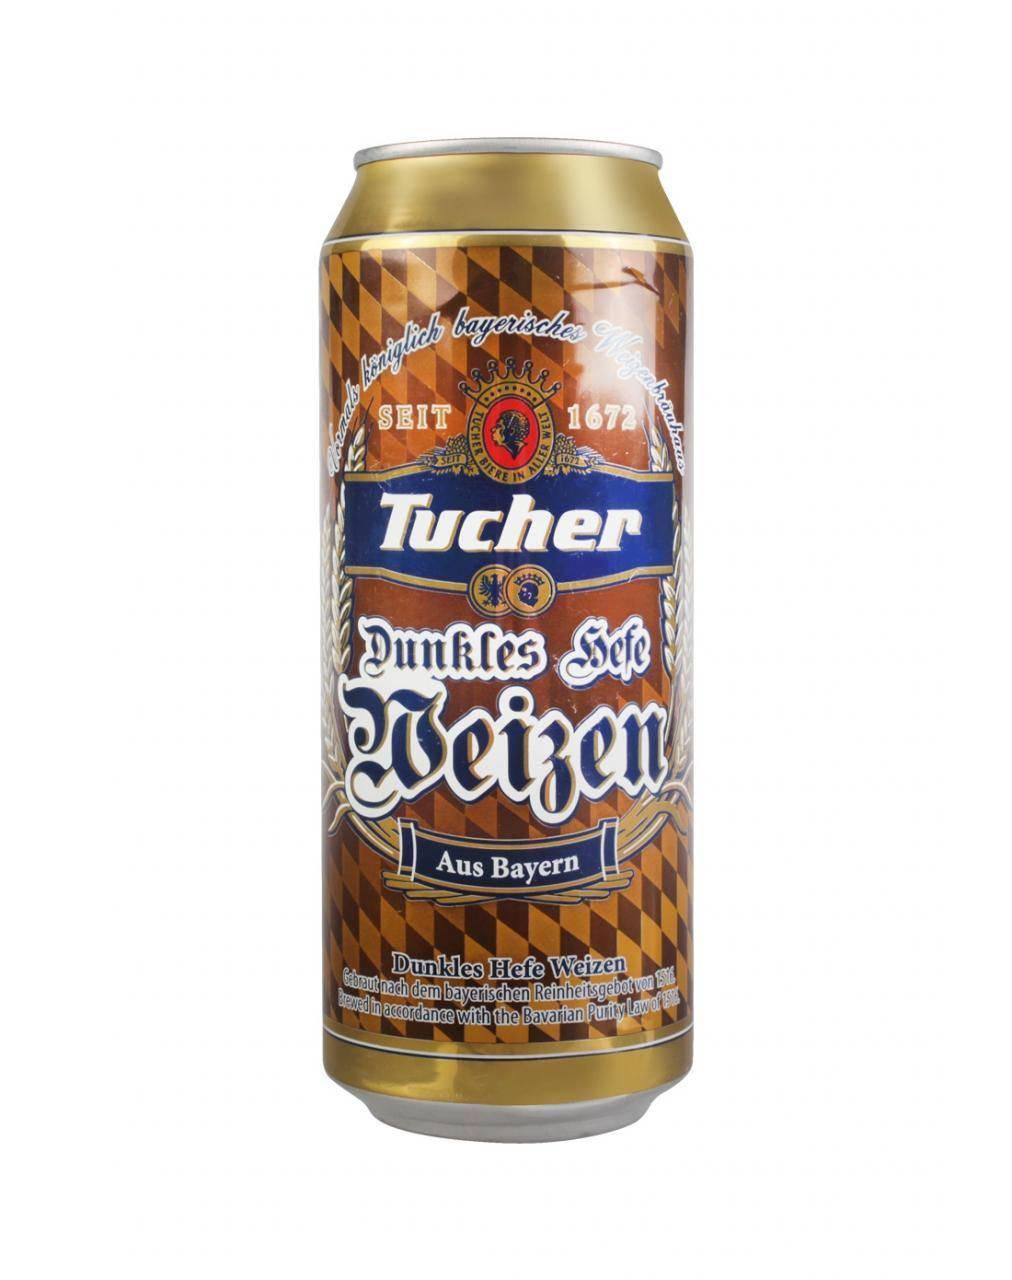 全麦啤酒价格-全麦啤酒有哪些品牌-大麦丫-精酿啤酒连锁超市,工厂店平价酒吧免费加盟